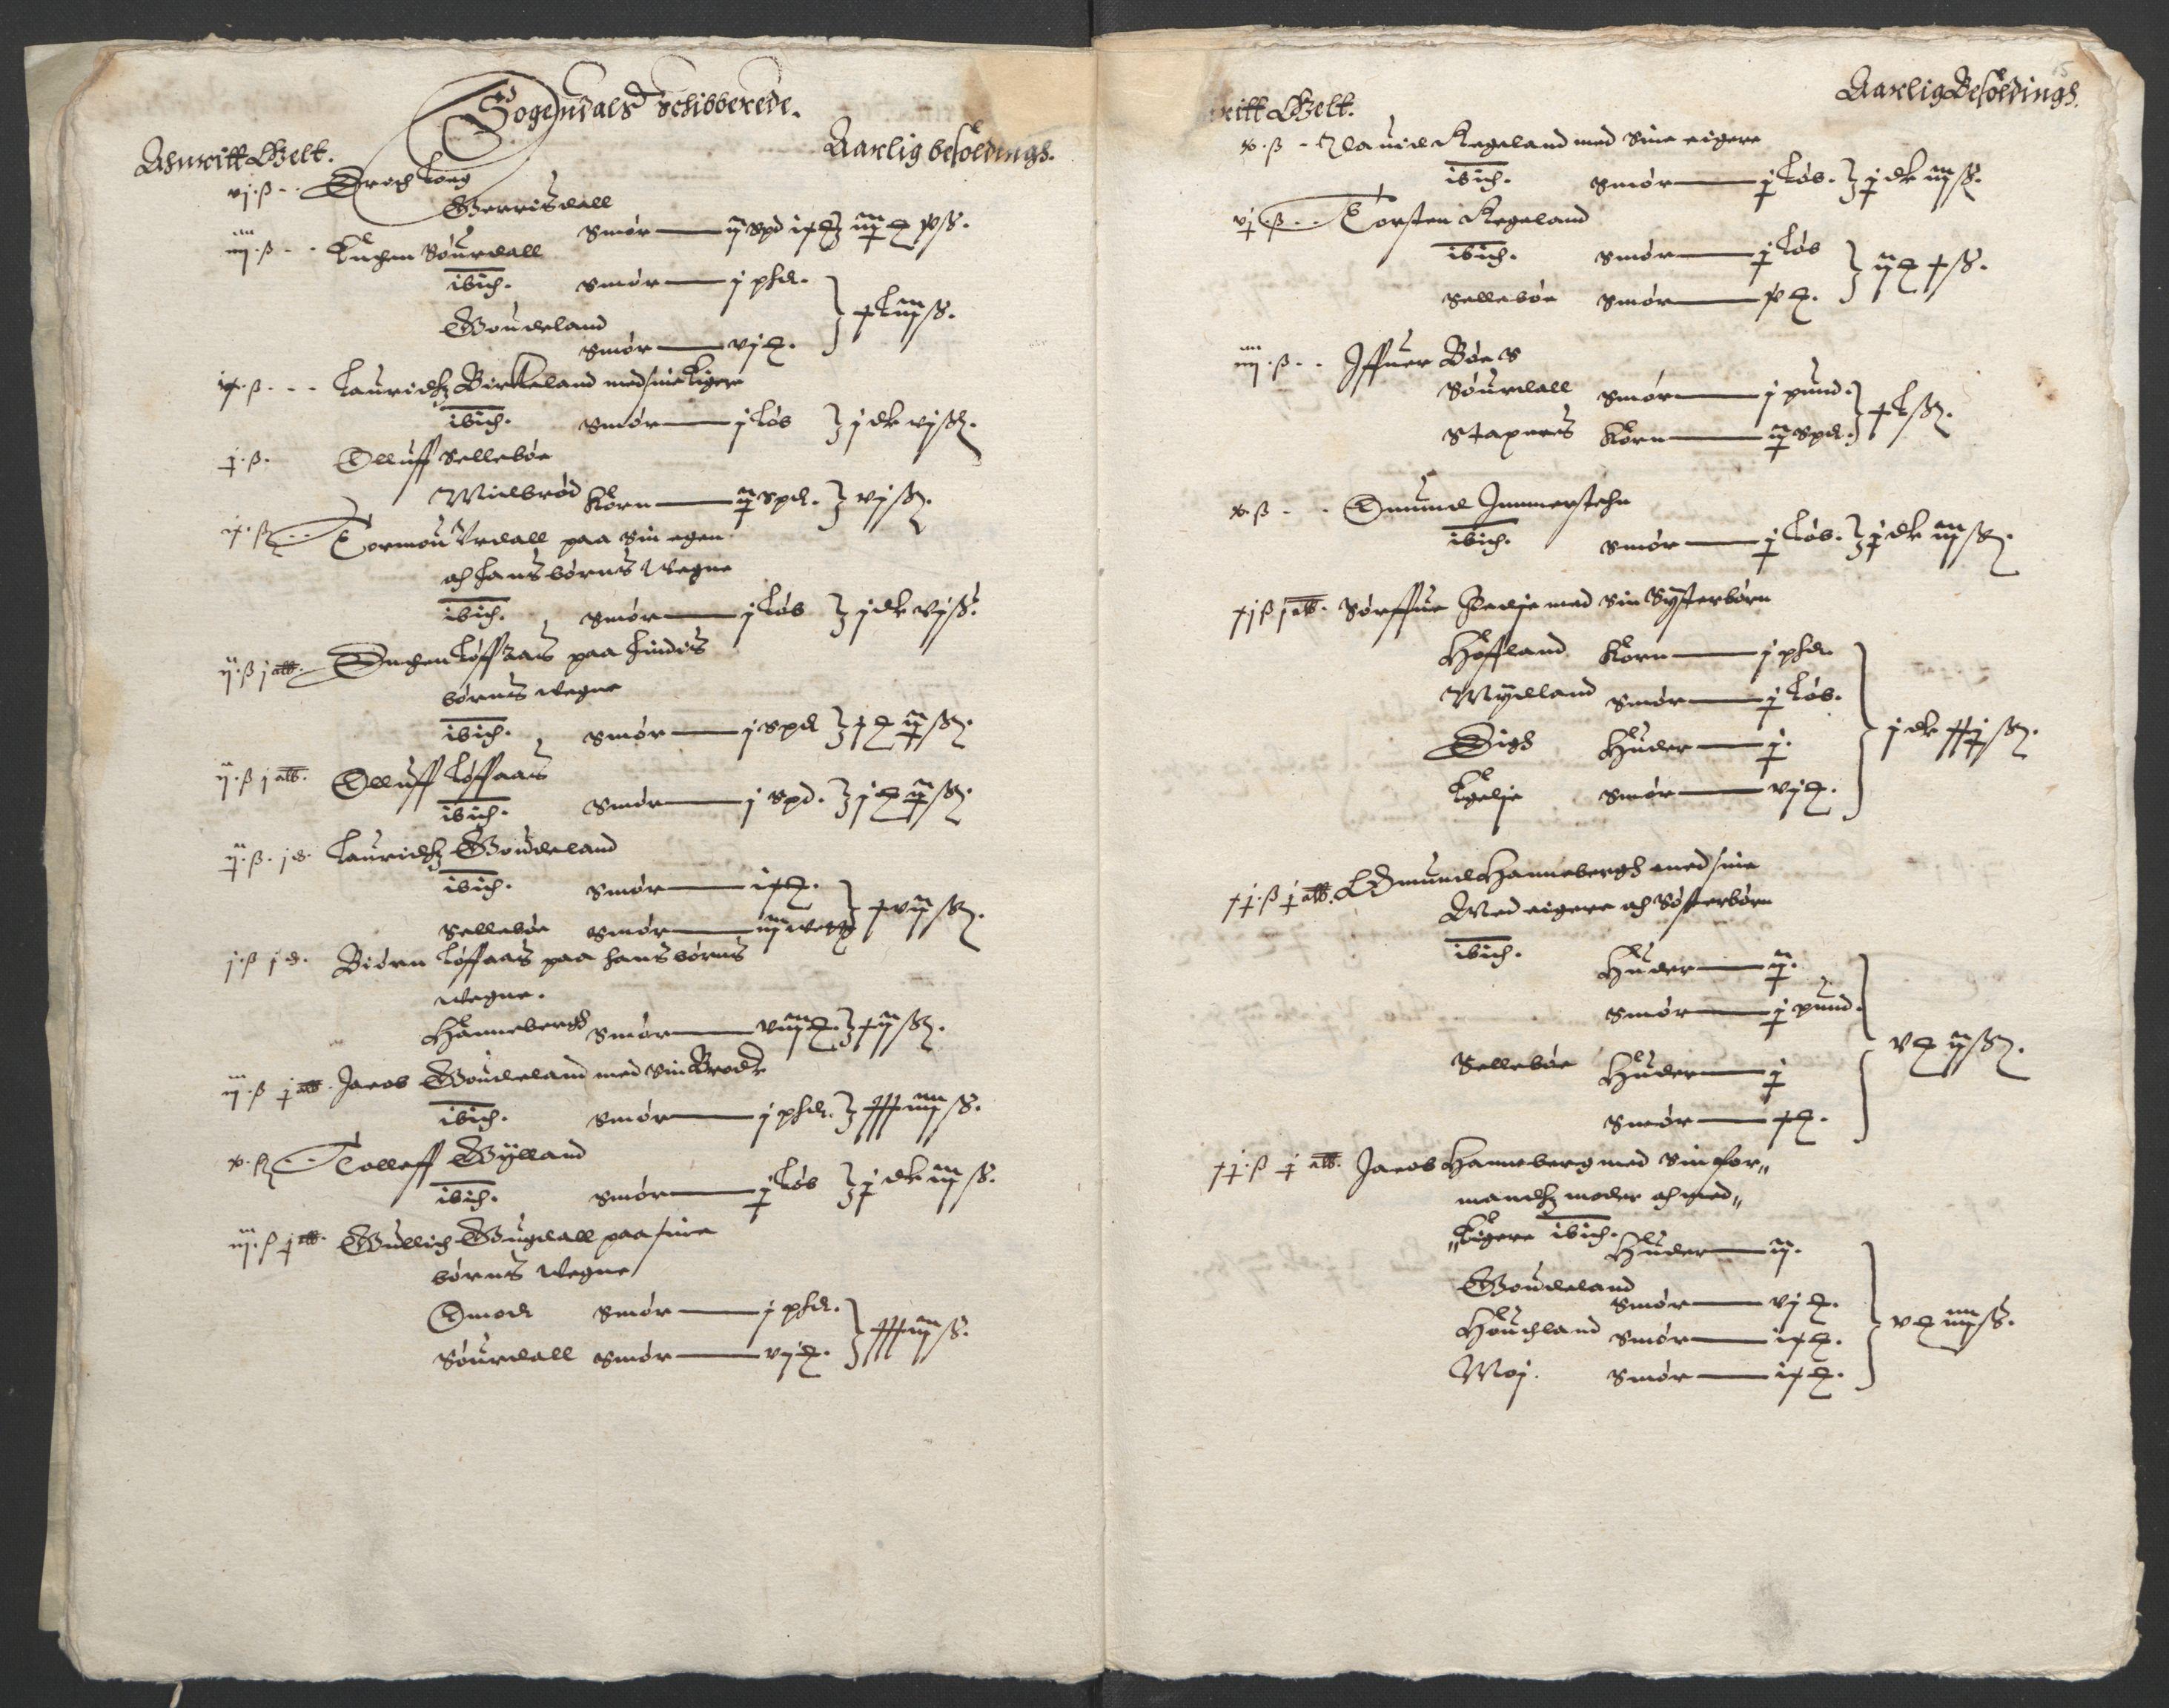 RA, Stattholderembetet 1572-1771, Ek/L0010: Jordebøker til utlikning av rosstjeneste 1624-1626:, 1624-1626, s. 109